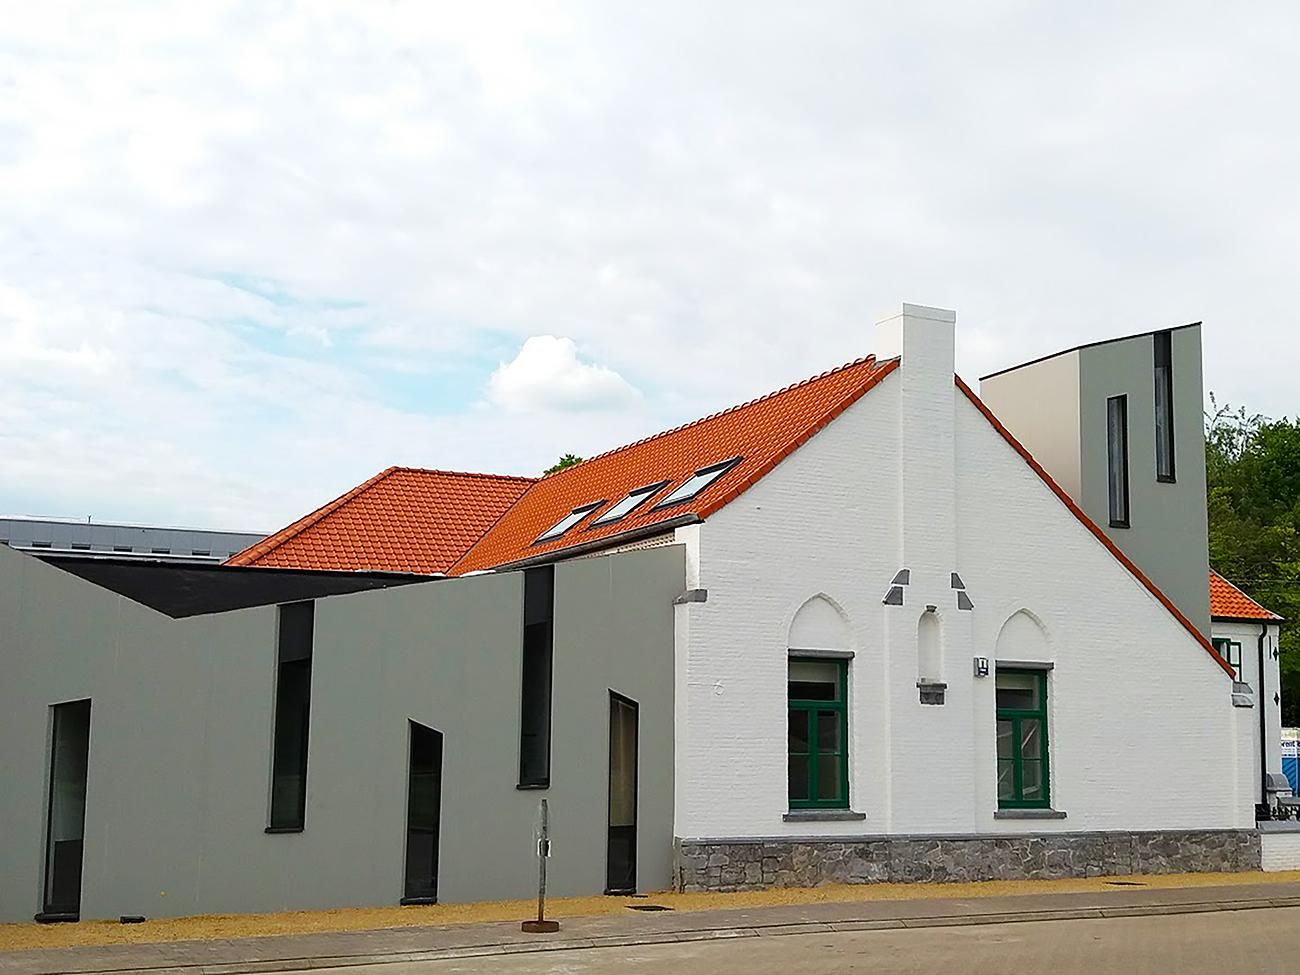 Damiaanmuseum03_1300x975